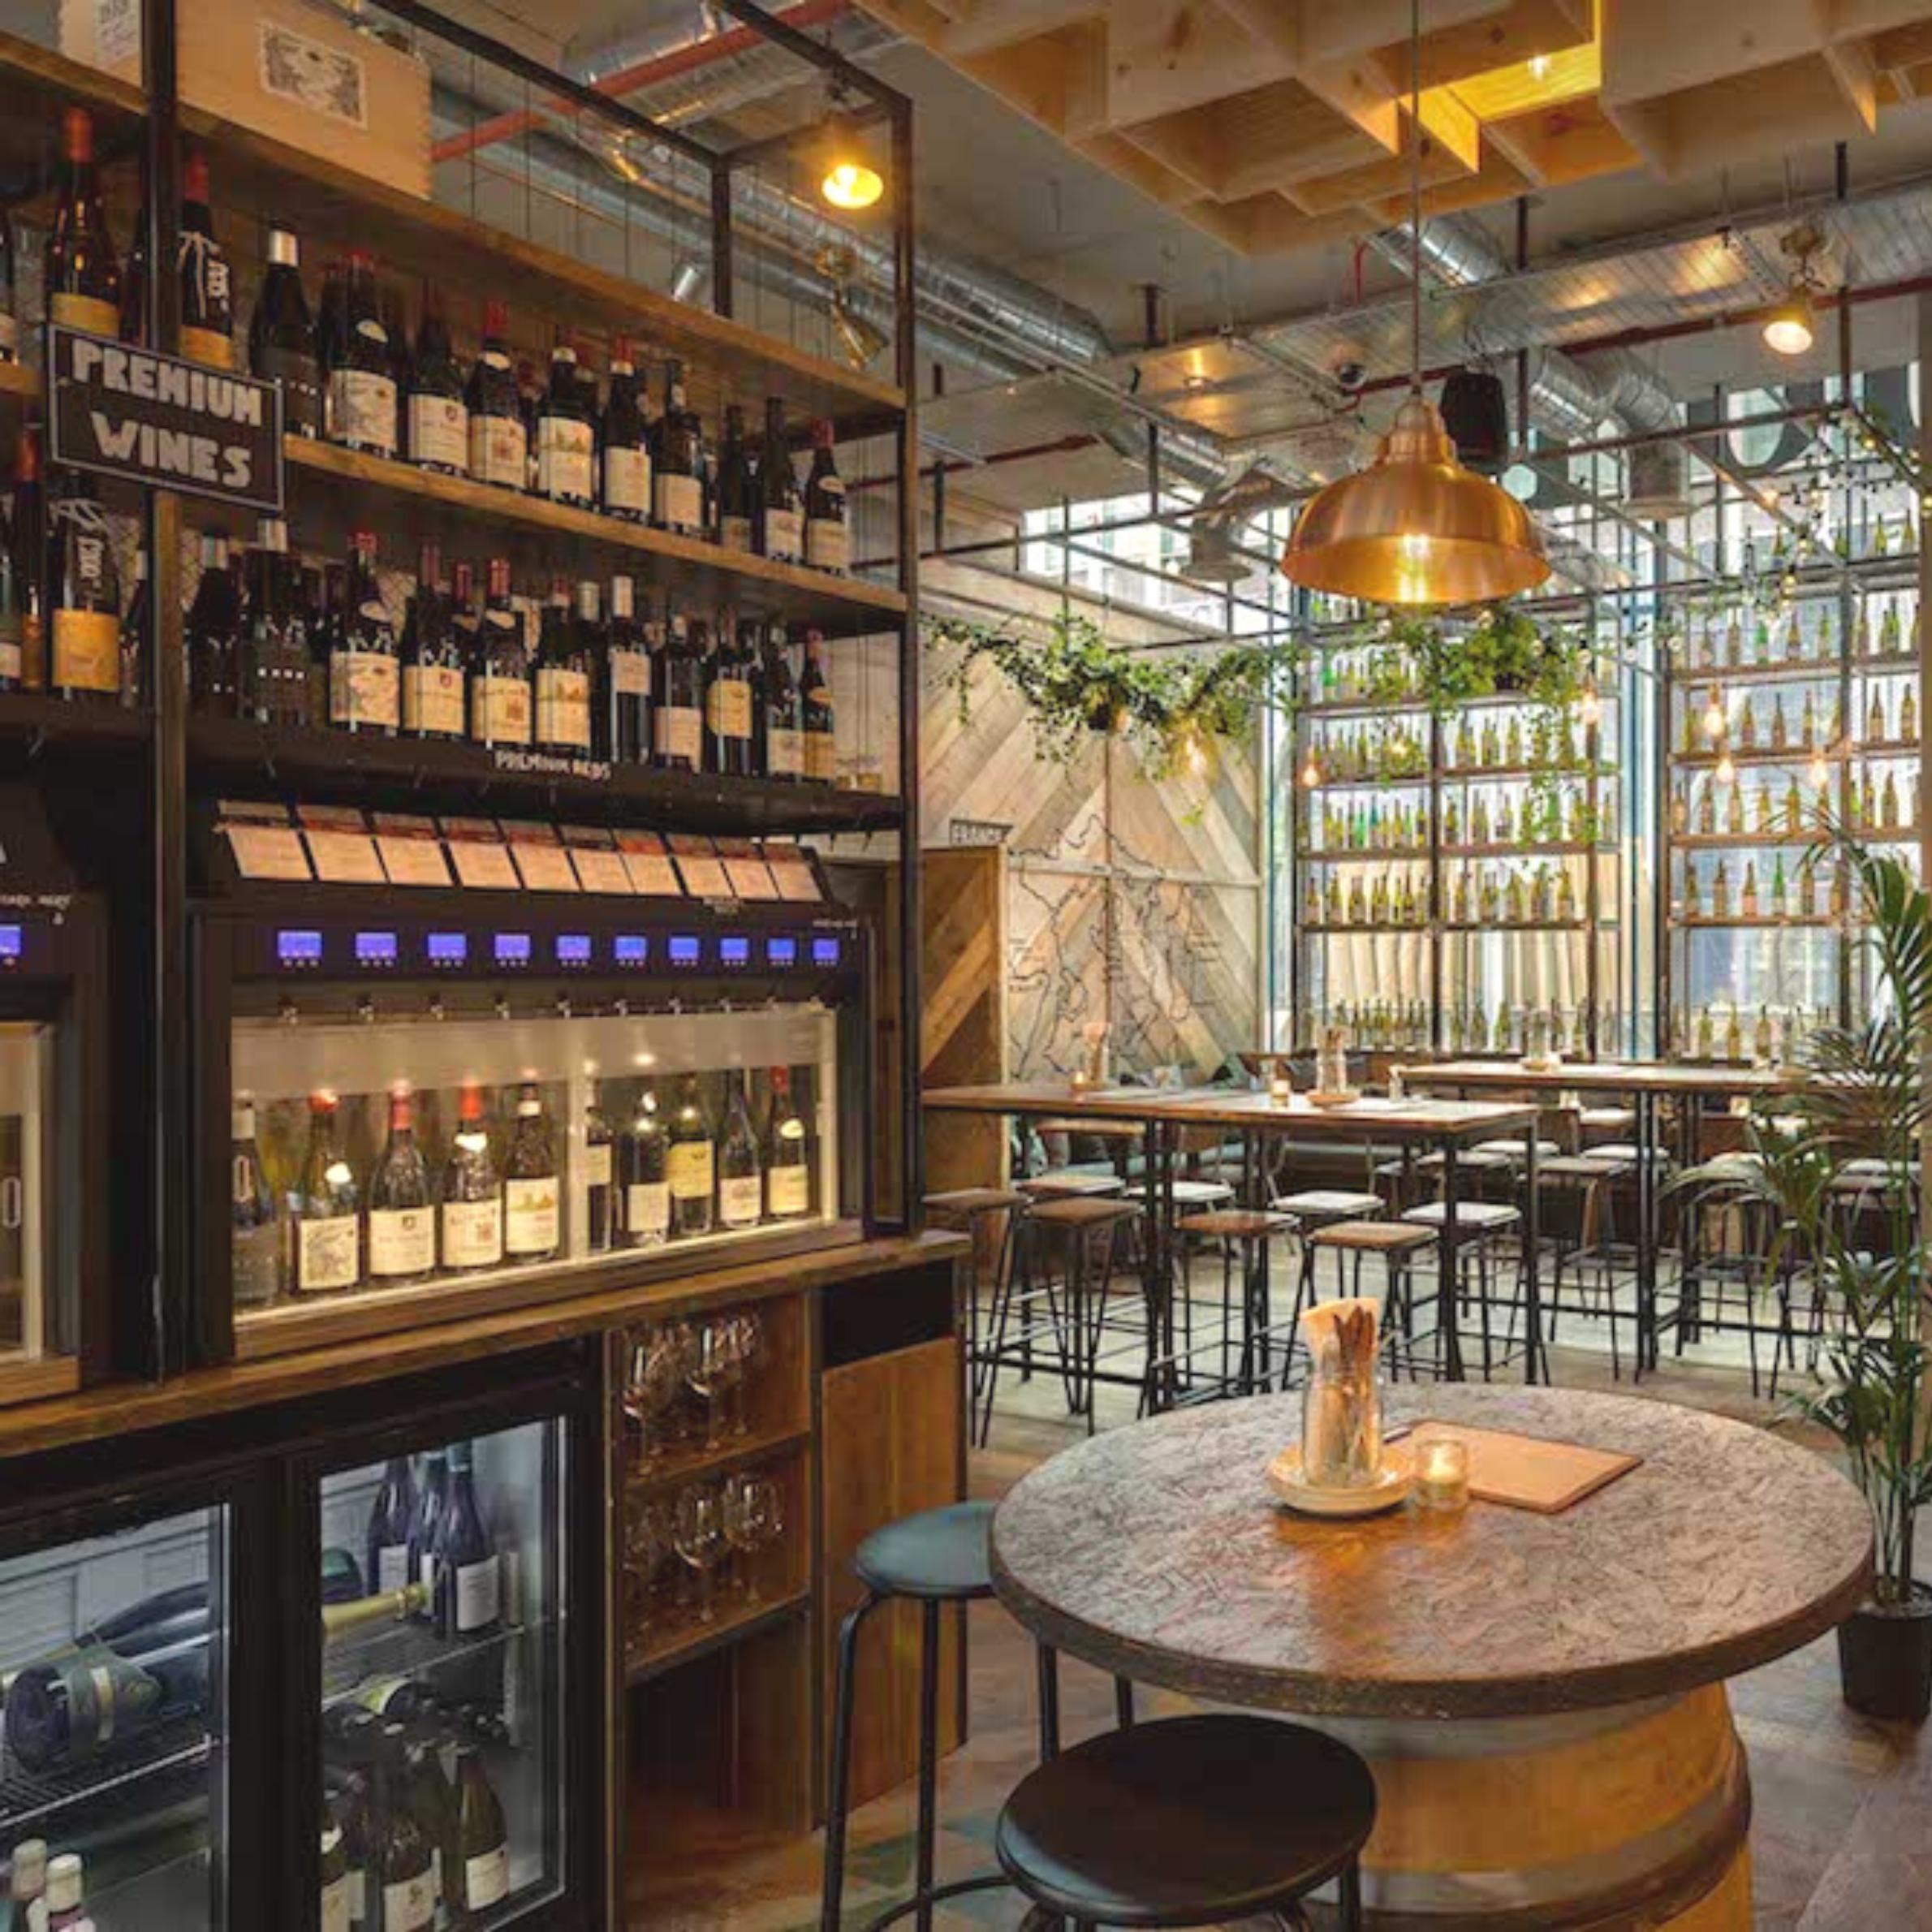 Restorano/baro vyno kortos sudarymas